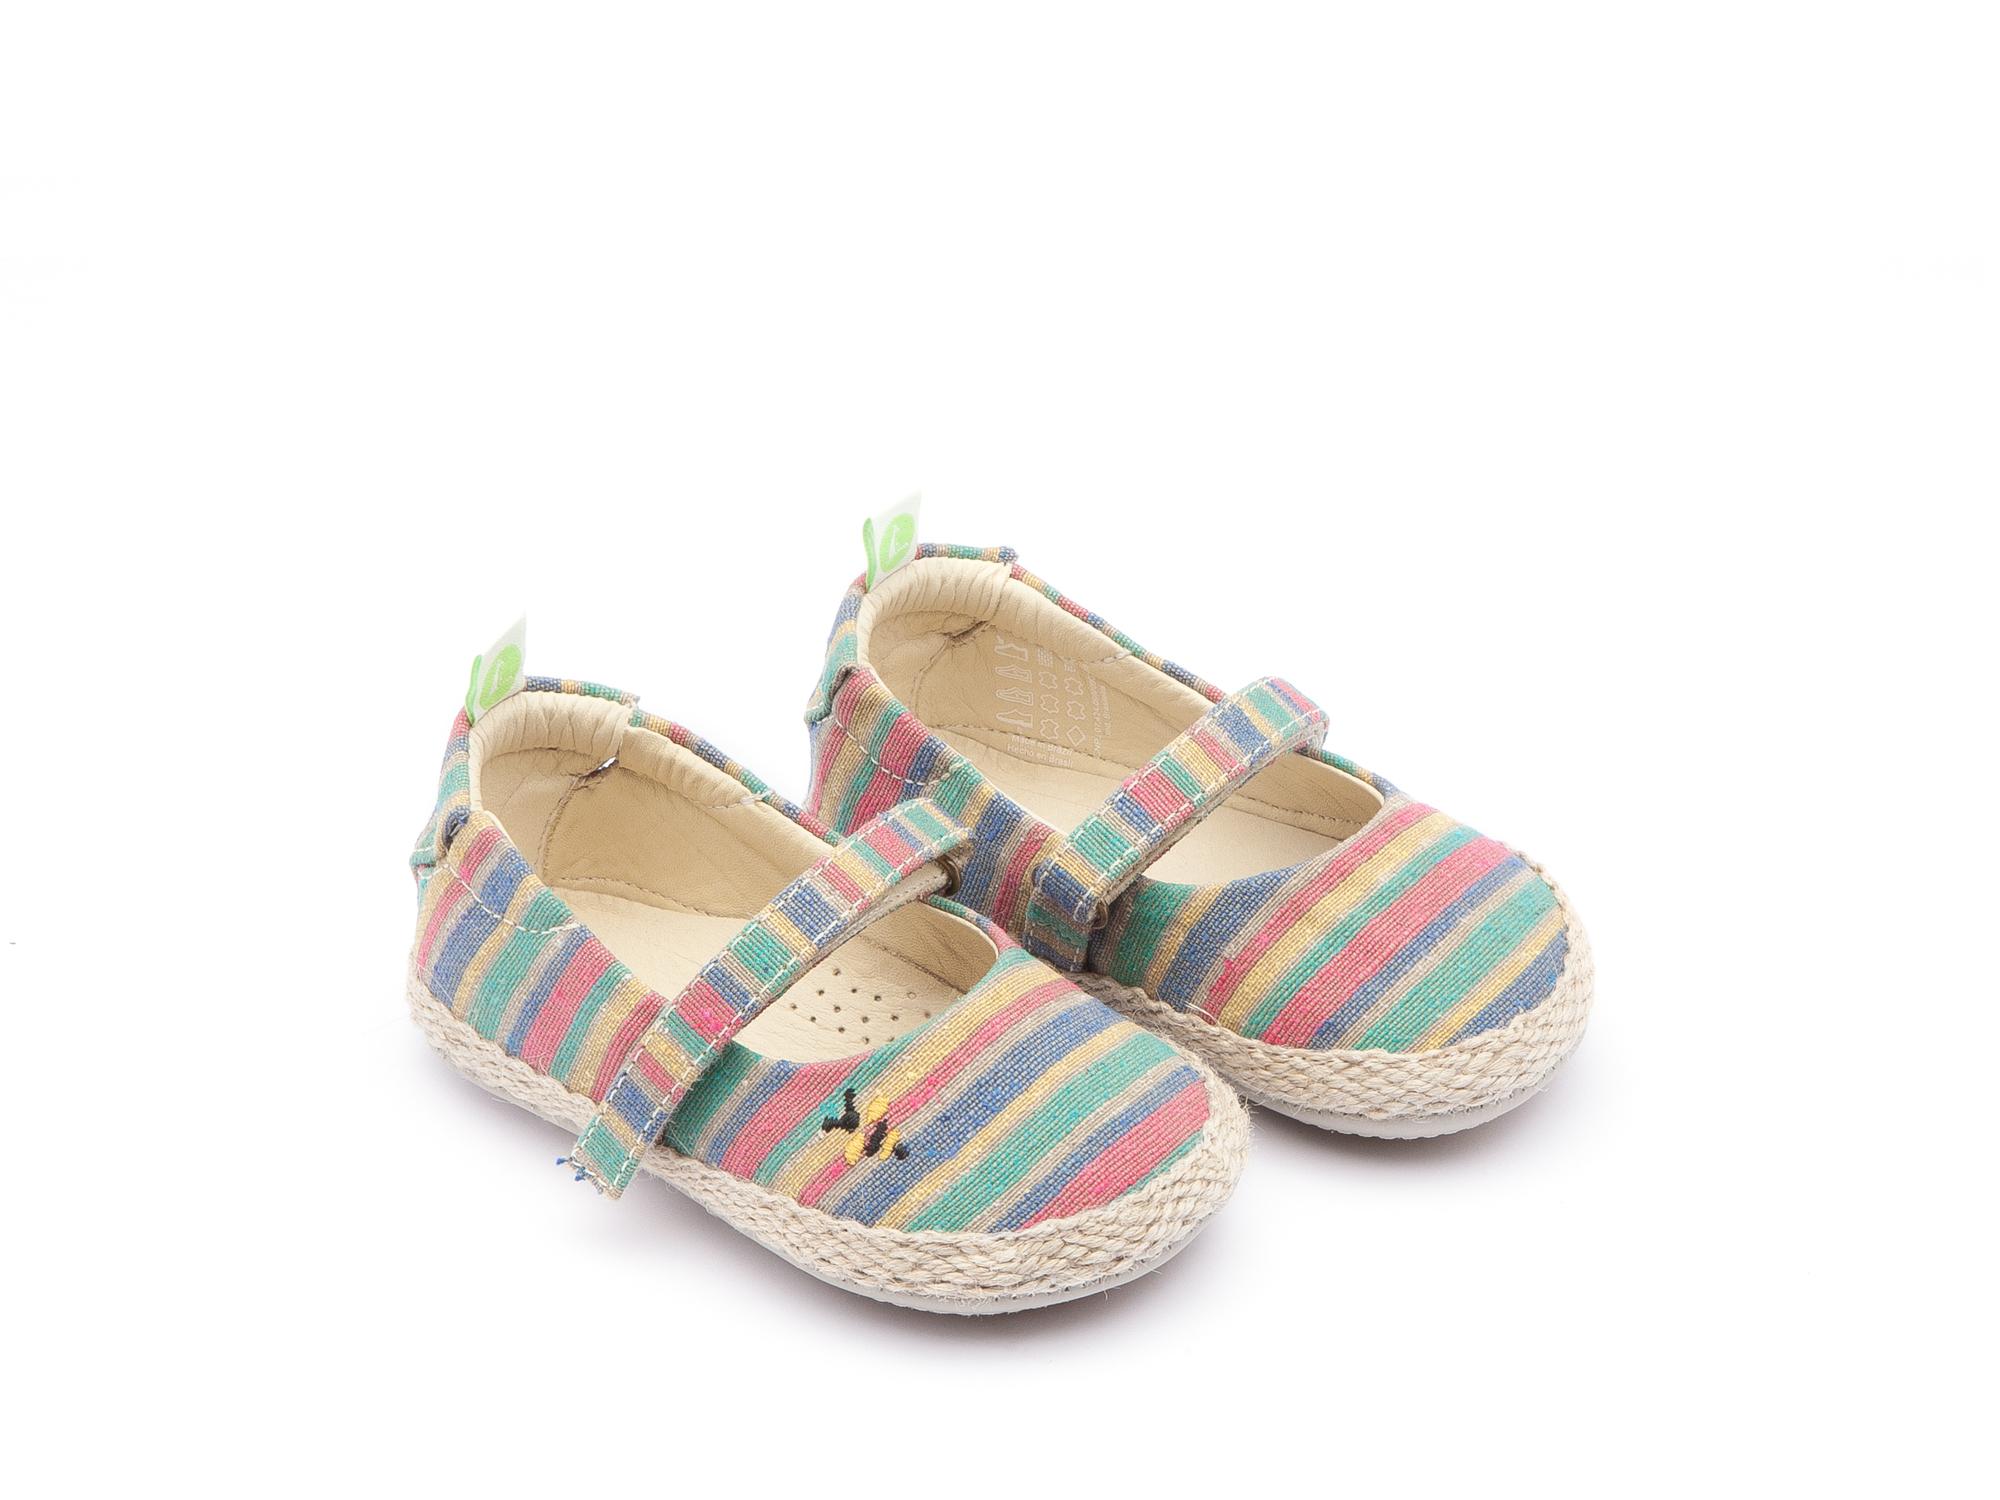 Boneca Sambaky Rainbow Canvas Beeswax Baby 0 à 2 anos - 0